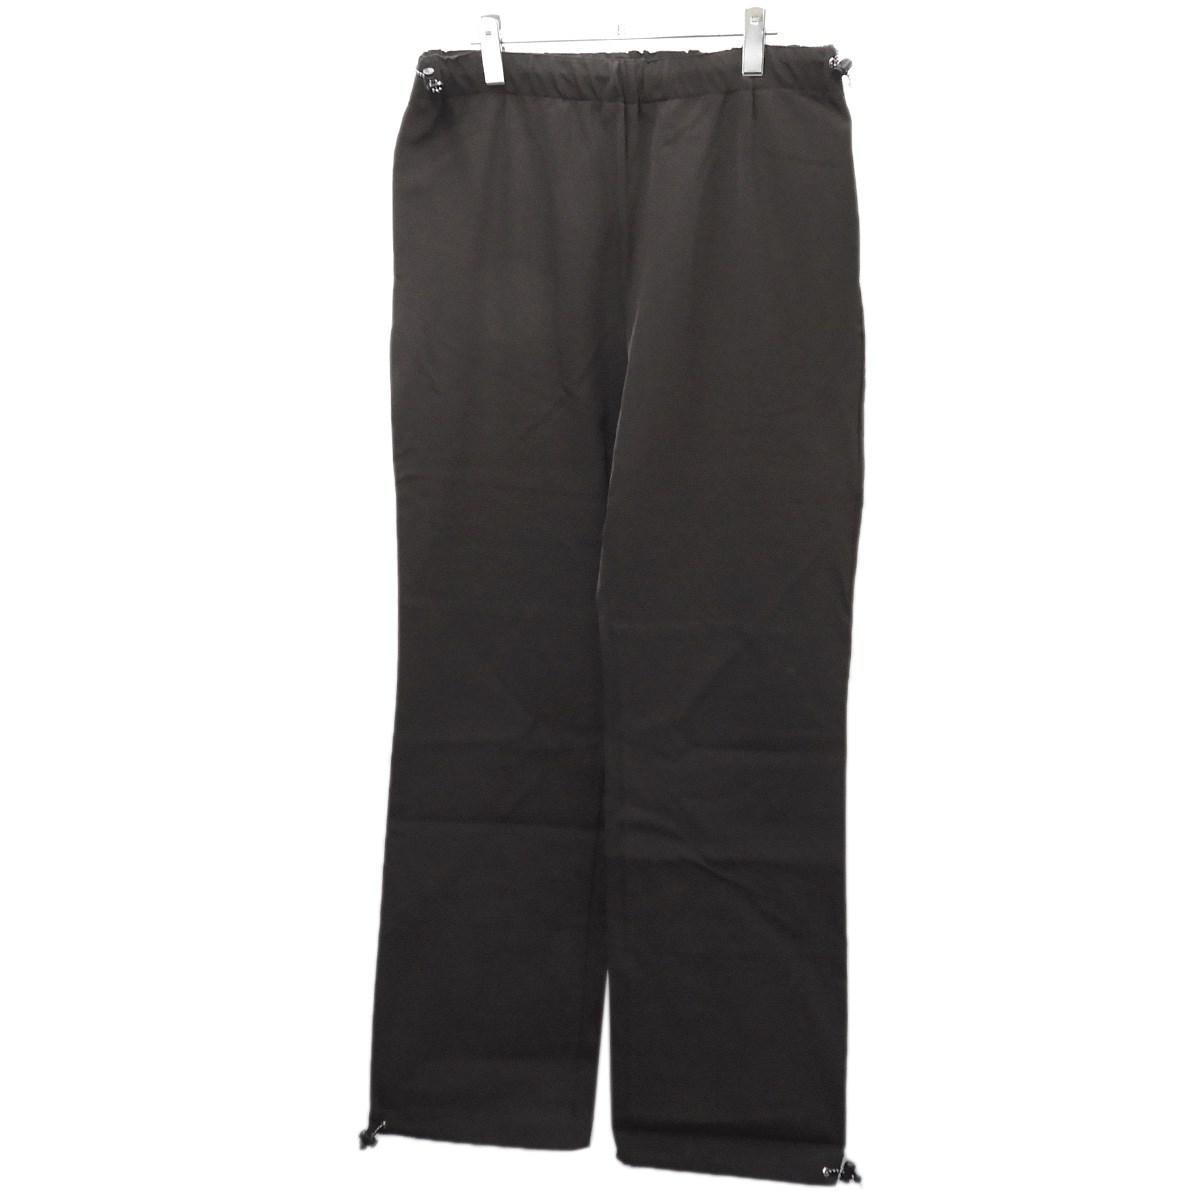 【中古】KAIKO 「FORCELESS TRAINNING PANTS」トレーニングパンツ ブラウン サイズ:3 【120320】(カイコー)